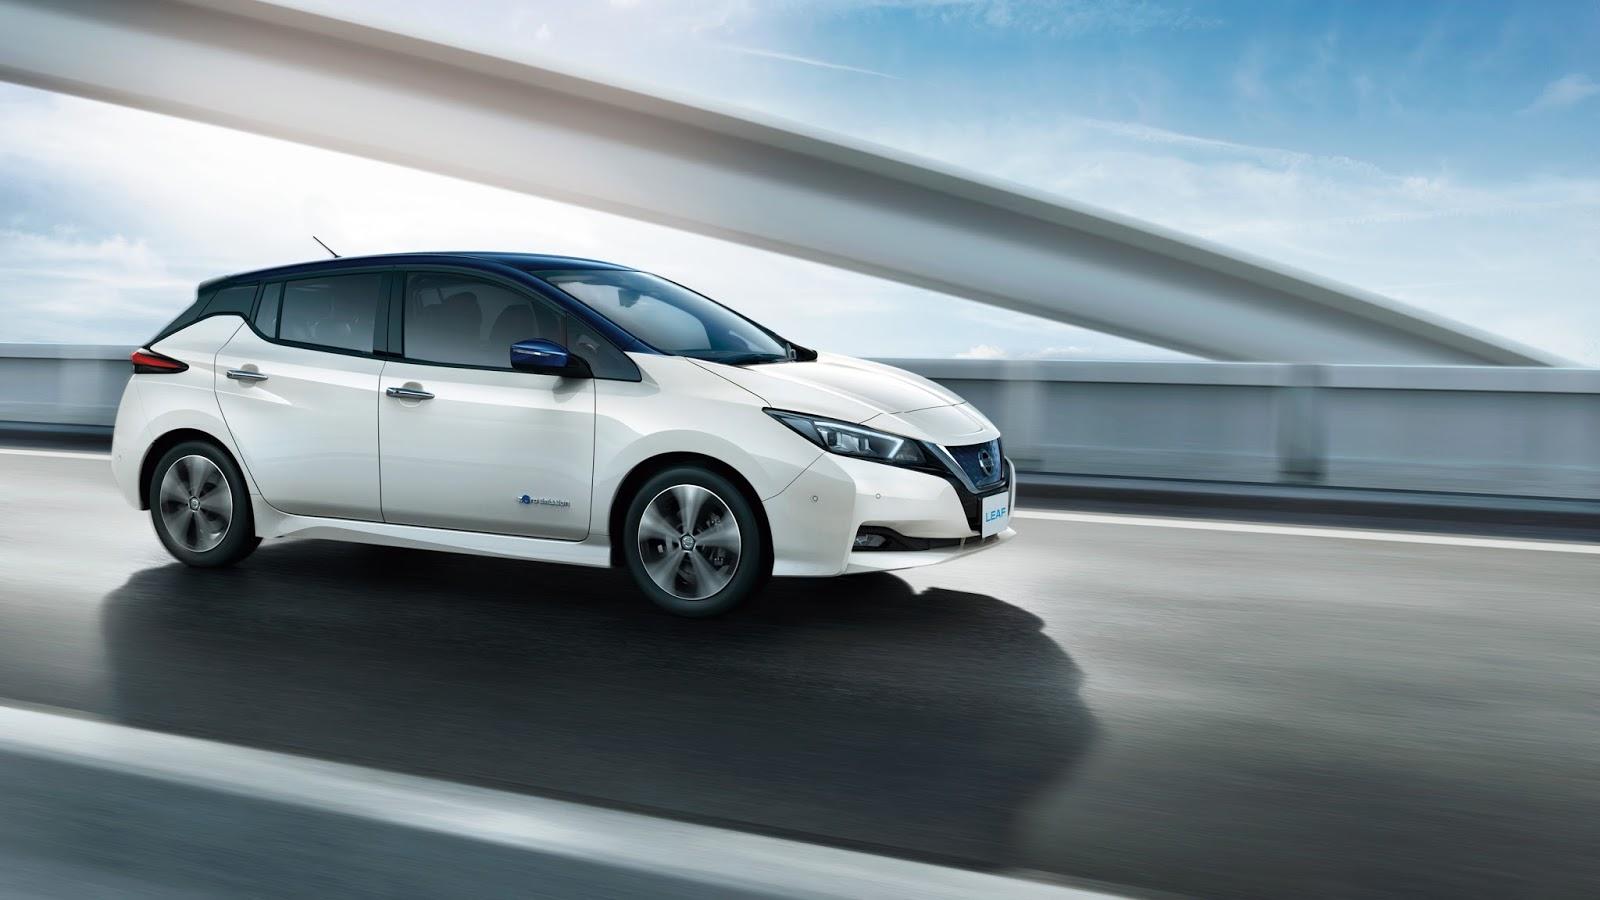 Το νέο Nissan LEAF κατέκτησε το βραβείο Best Small Family Car